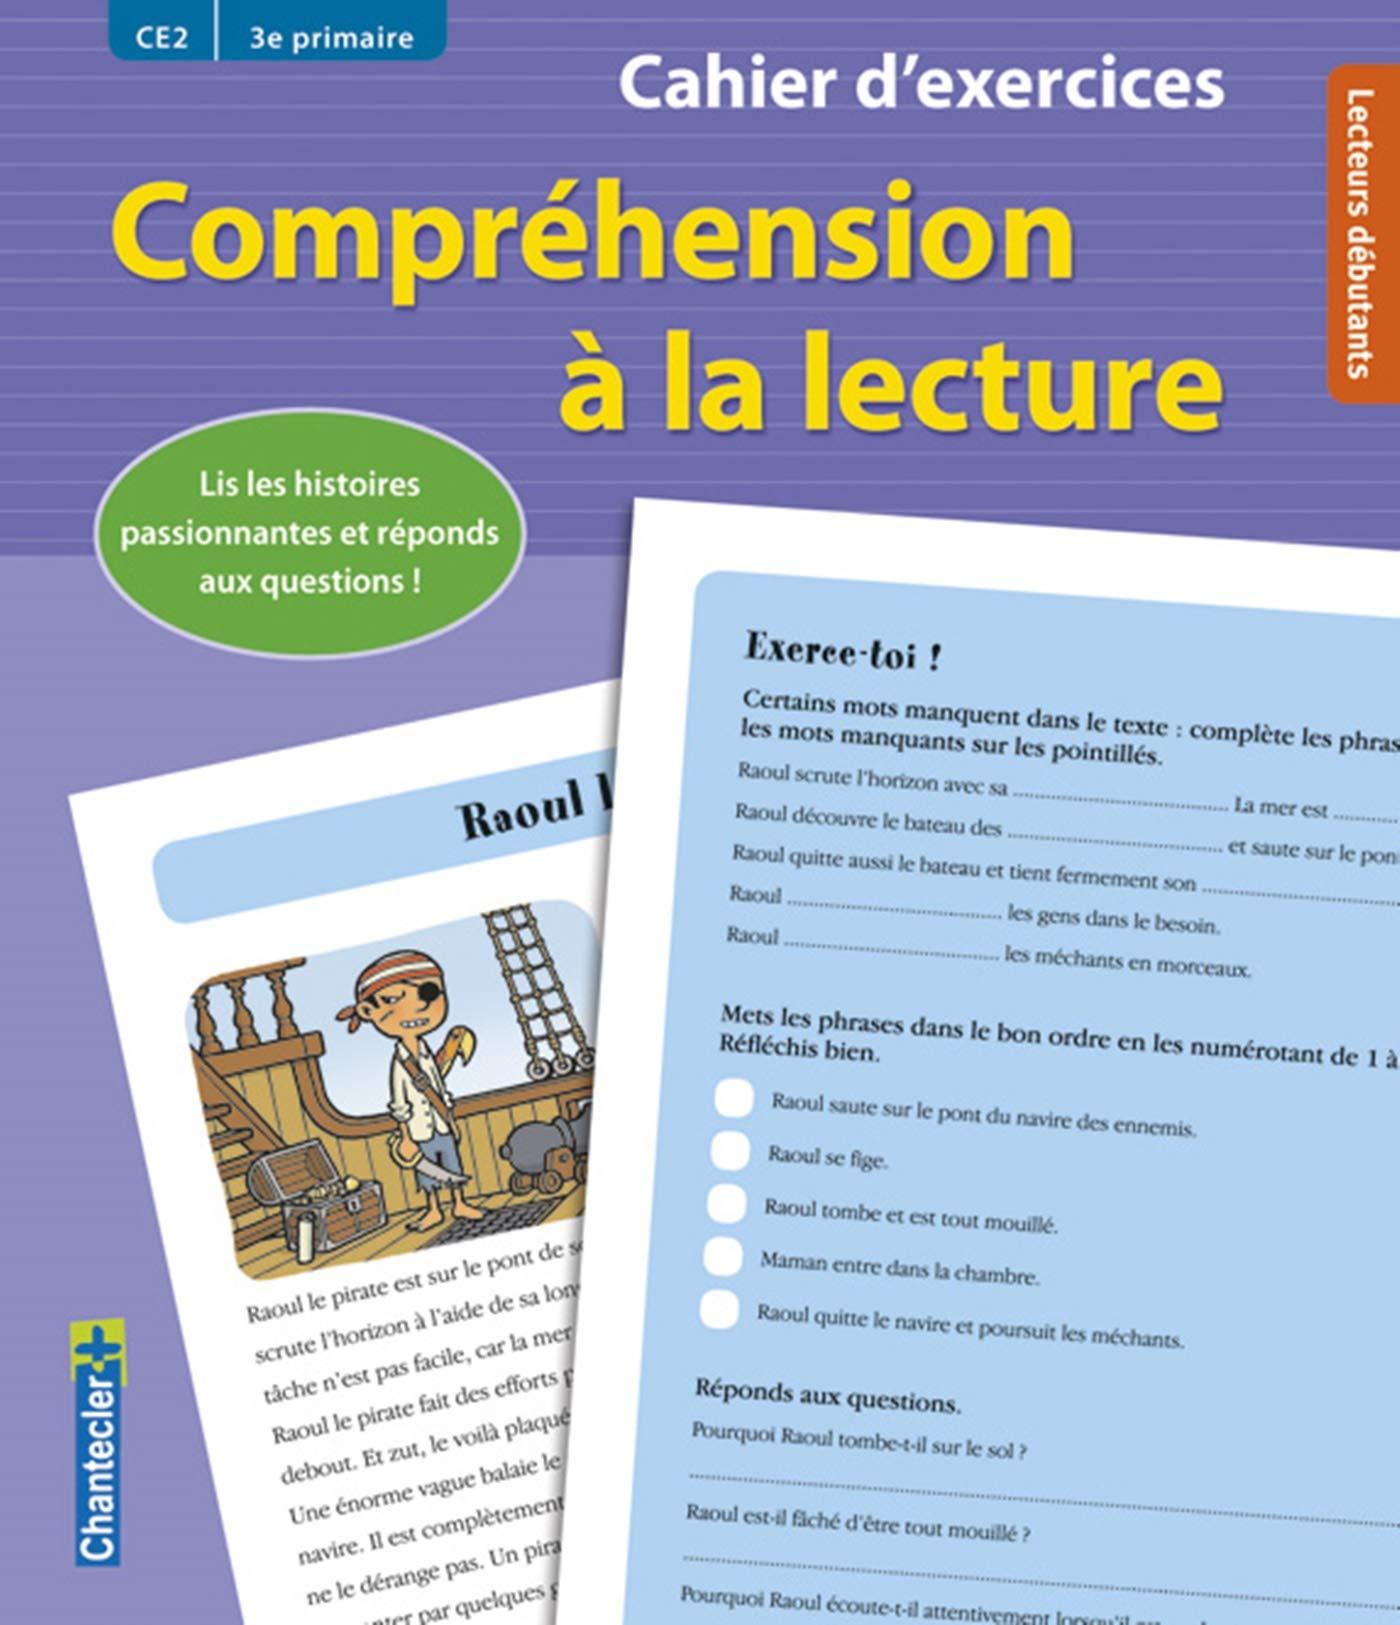 Comprehension A La Lecture Ce2 Cahier D Exercices Amazon Fr Vermeulen Moniek Heylen Jan Dulon Isabelle Livres